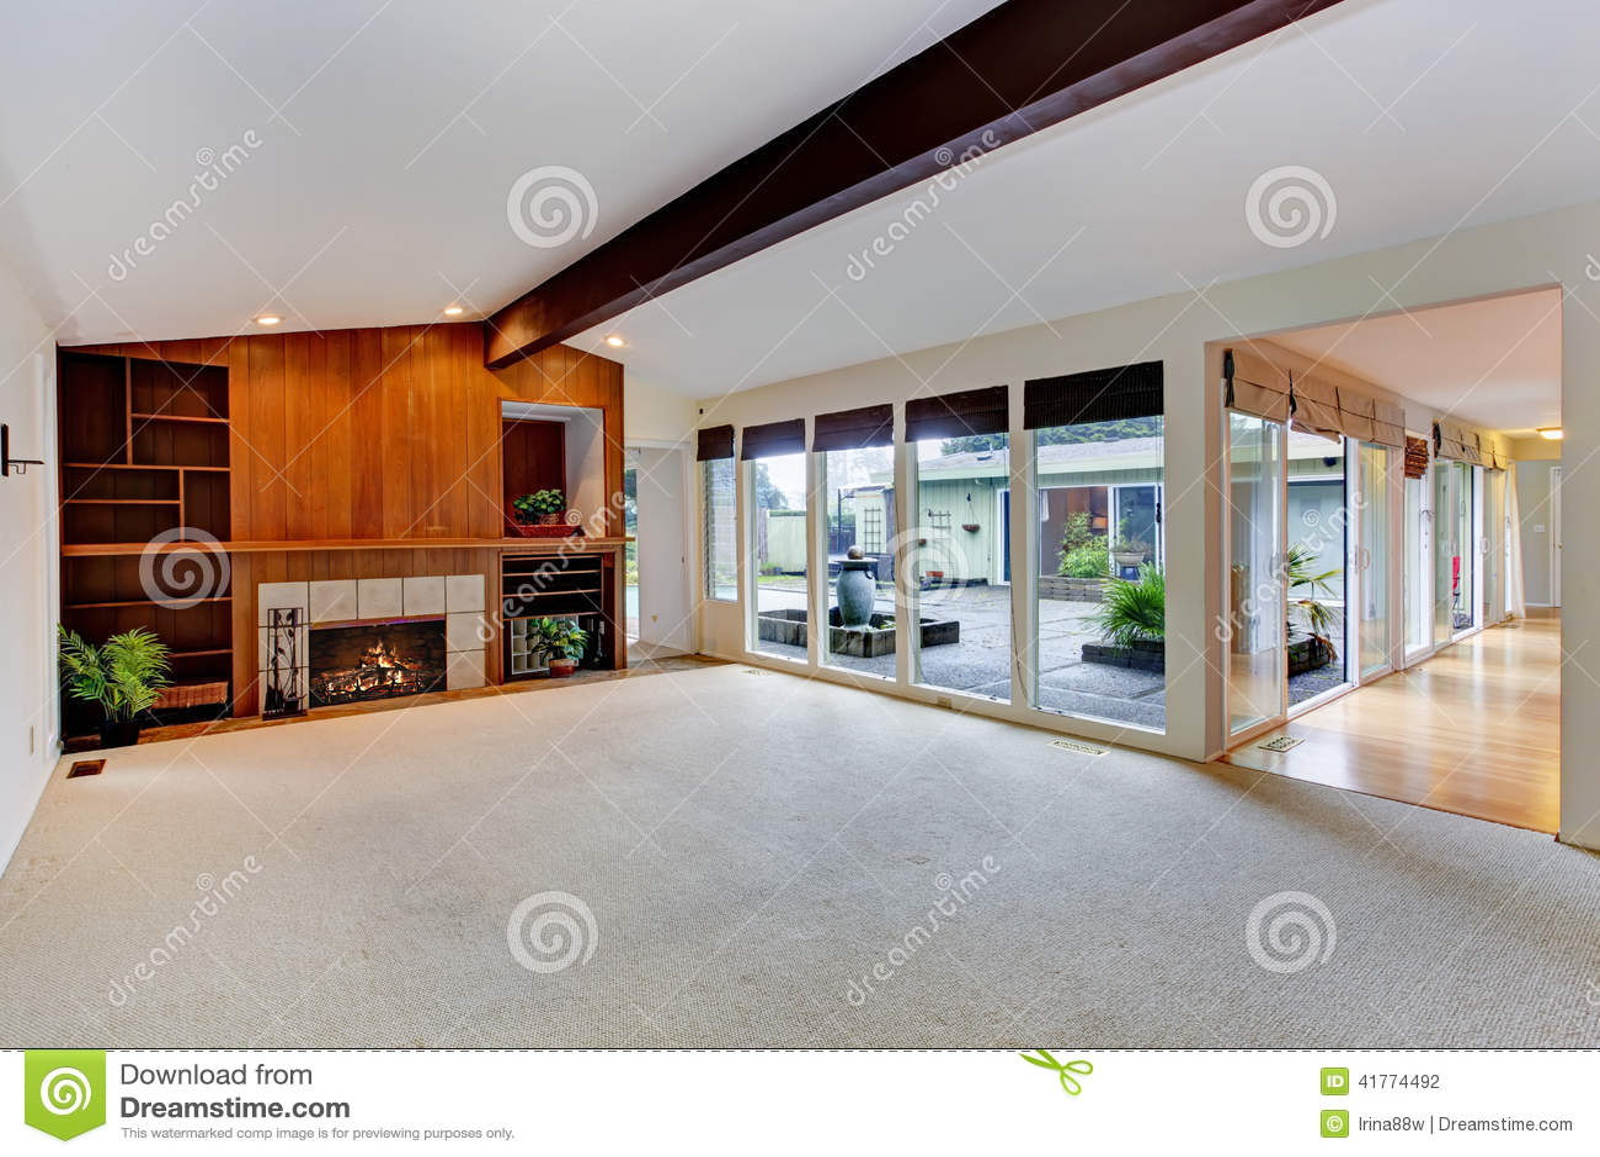 Charmant Geräumiges Leeres Wohnzimmer Mit Kamin Und Glaswand